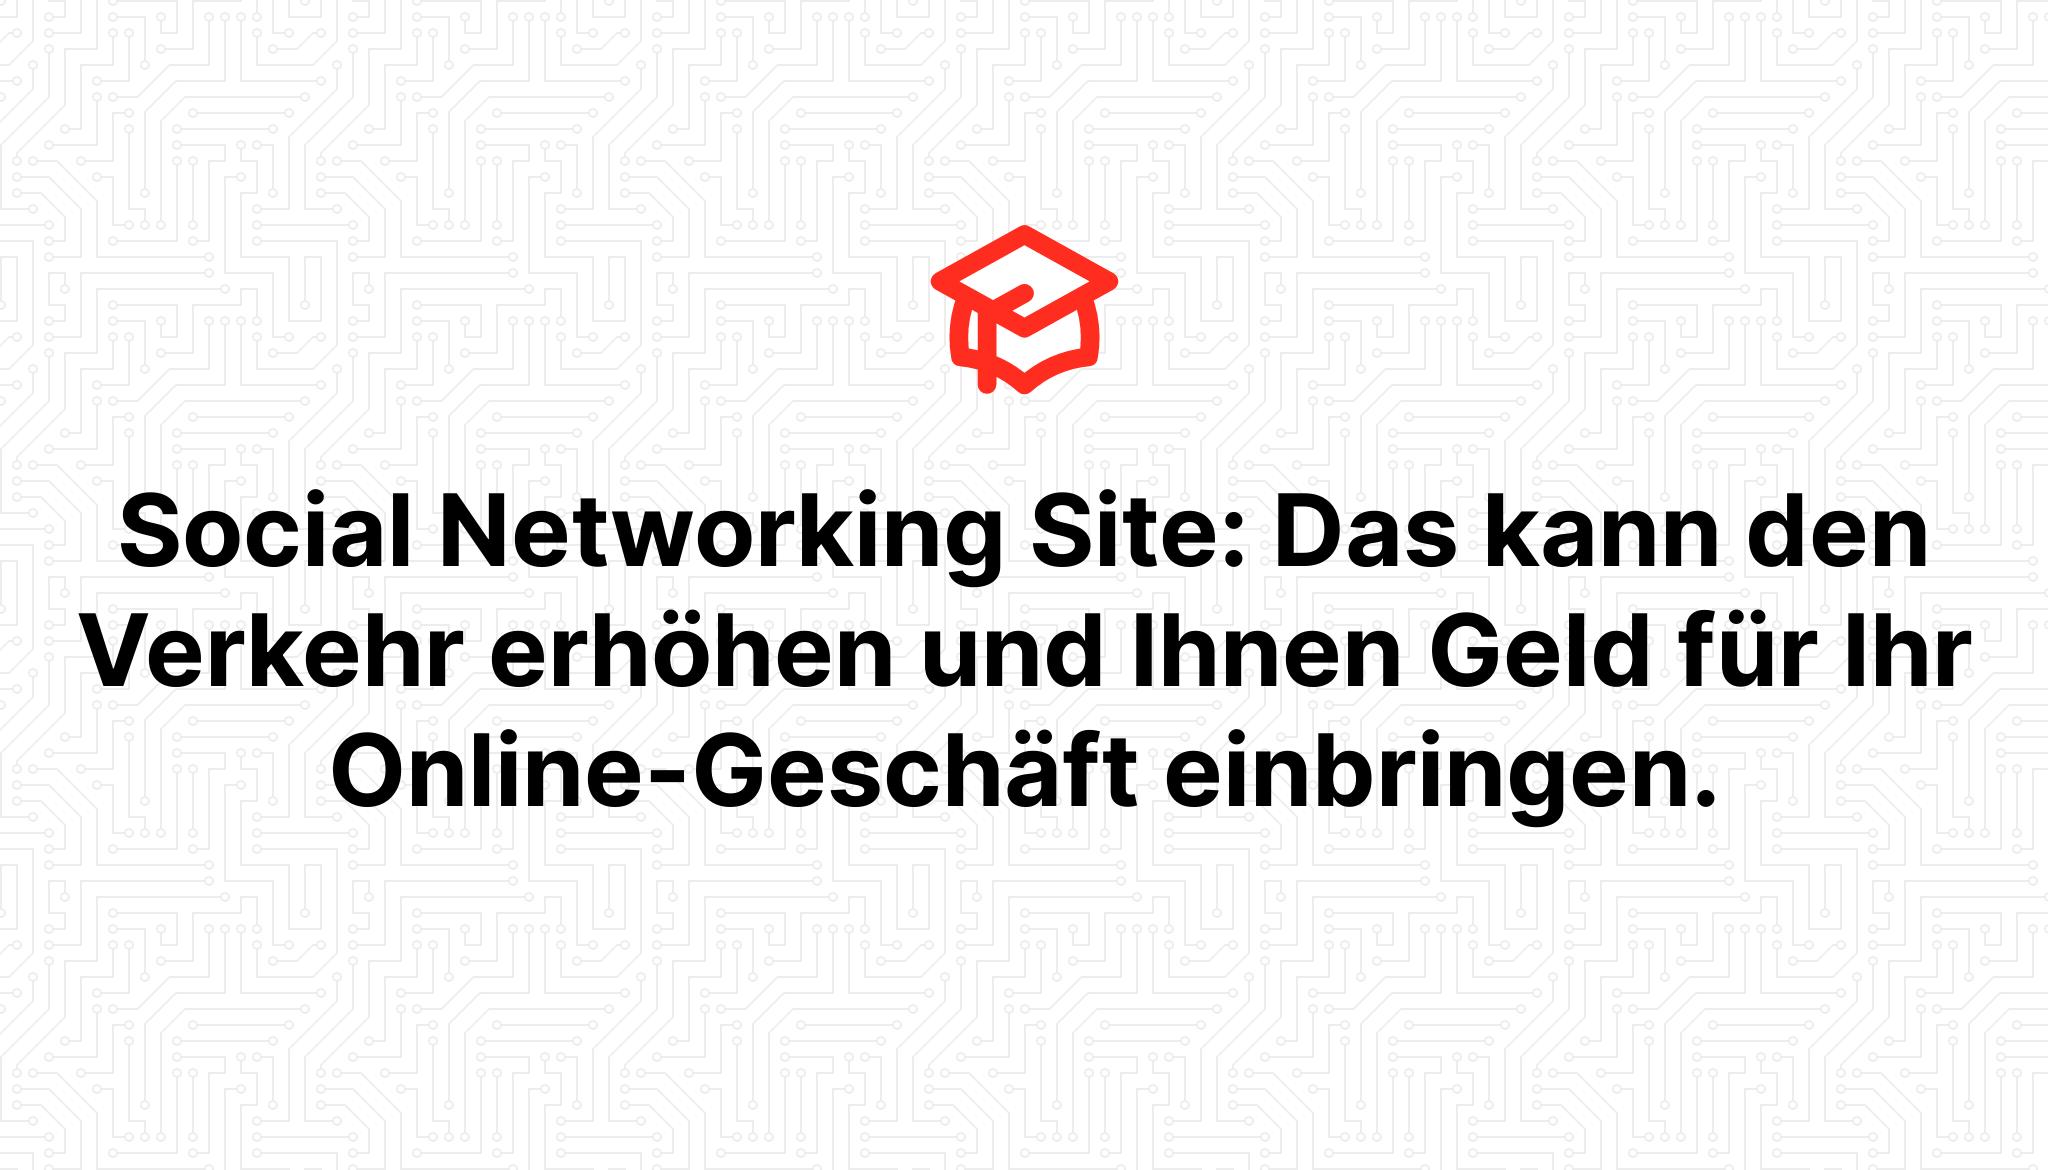 Social Networking Site: Das kann den Verkehr erhöhen und Ihnen Geld für Ihr Online-Geschäft einbringen.